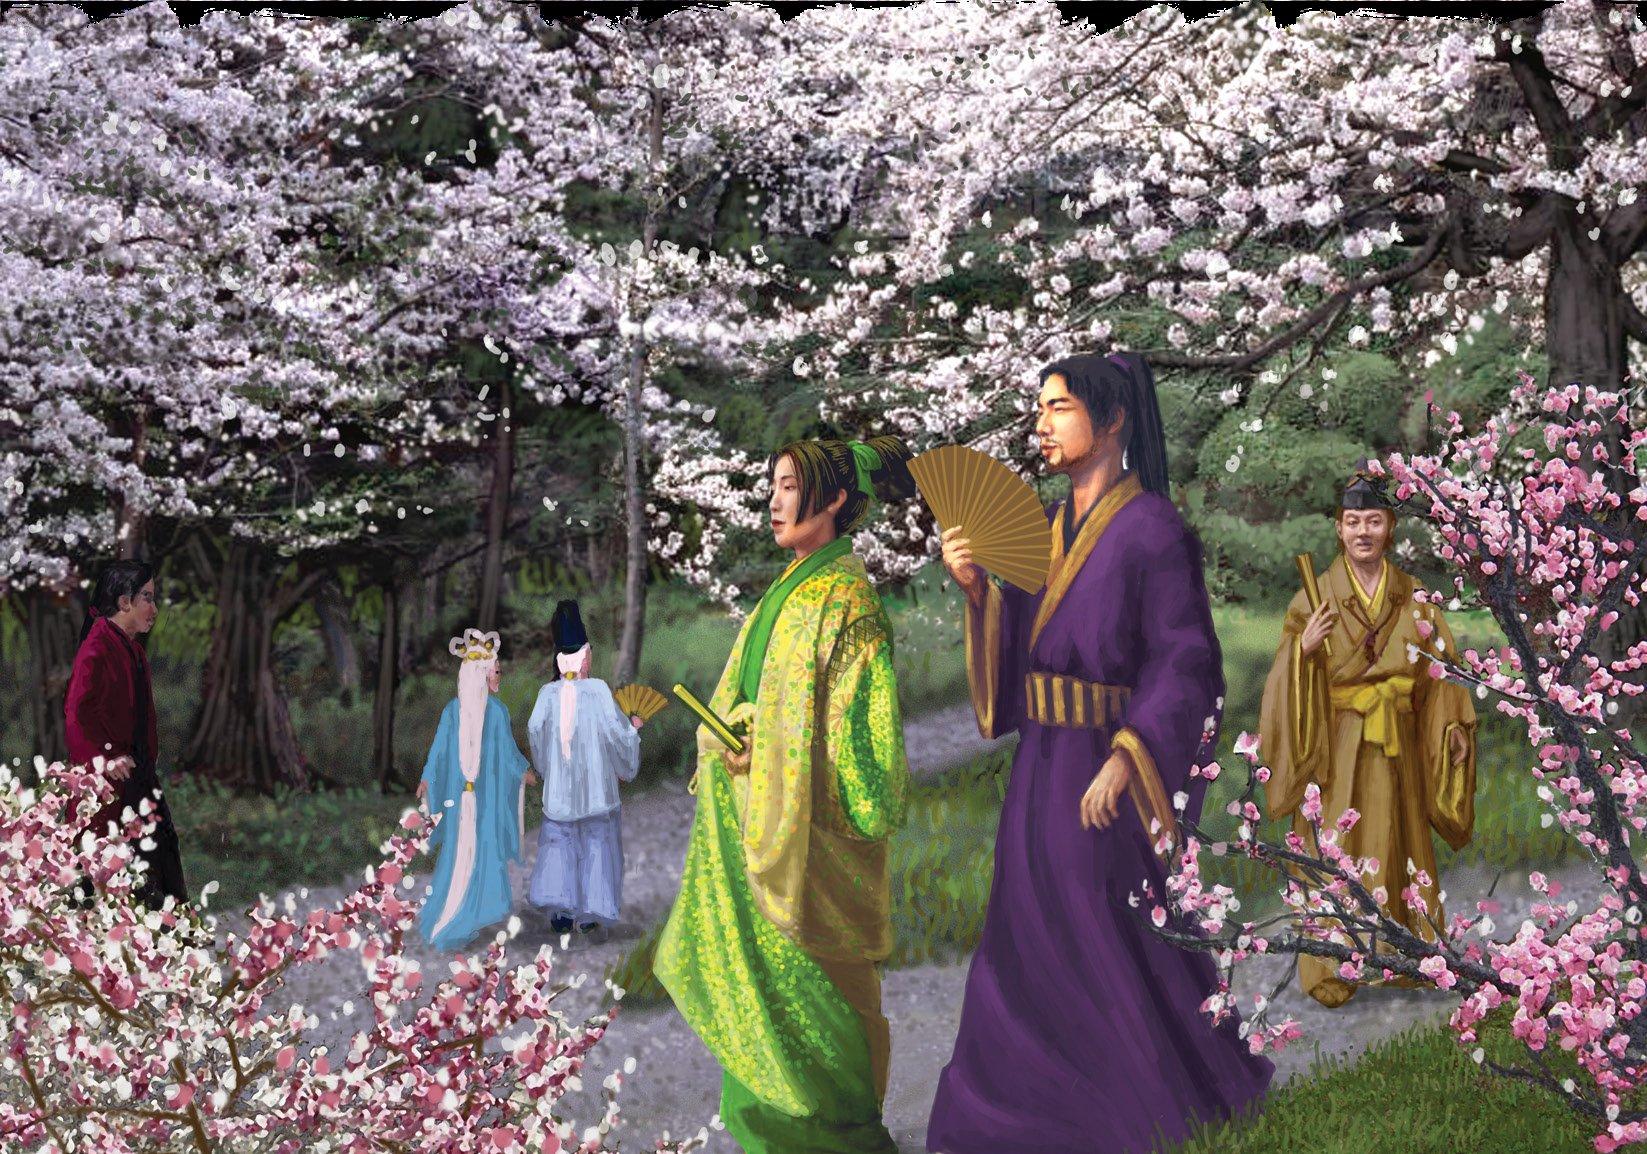 File:Cherry Blossom Festival.jpg